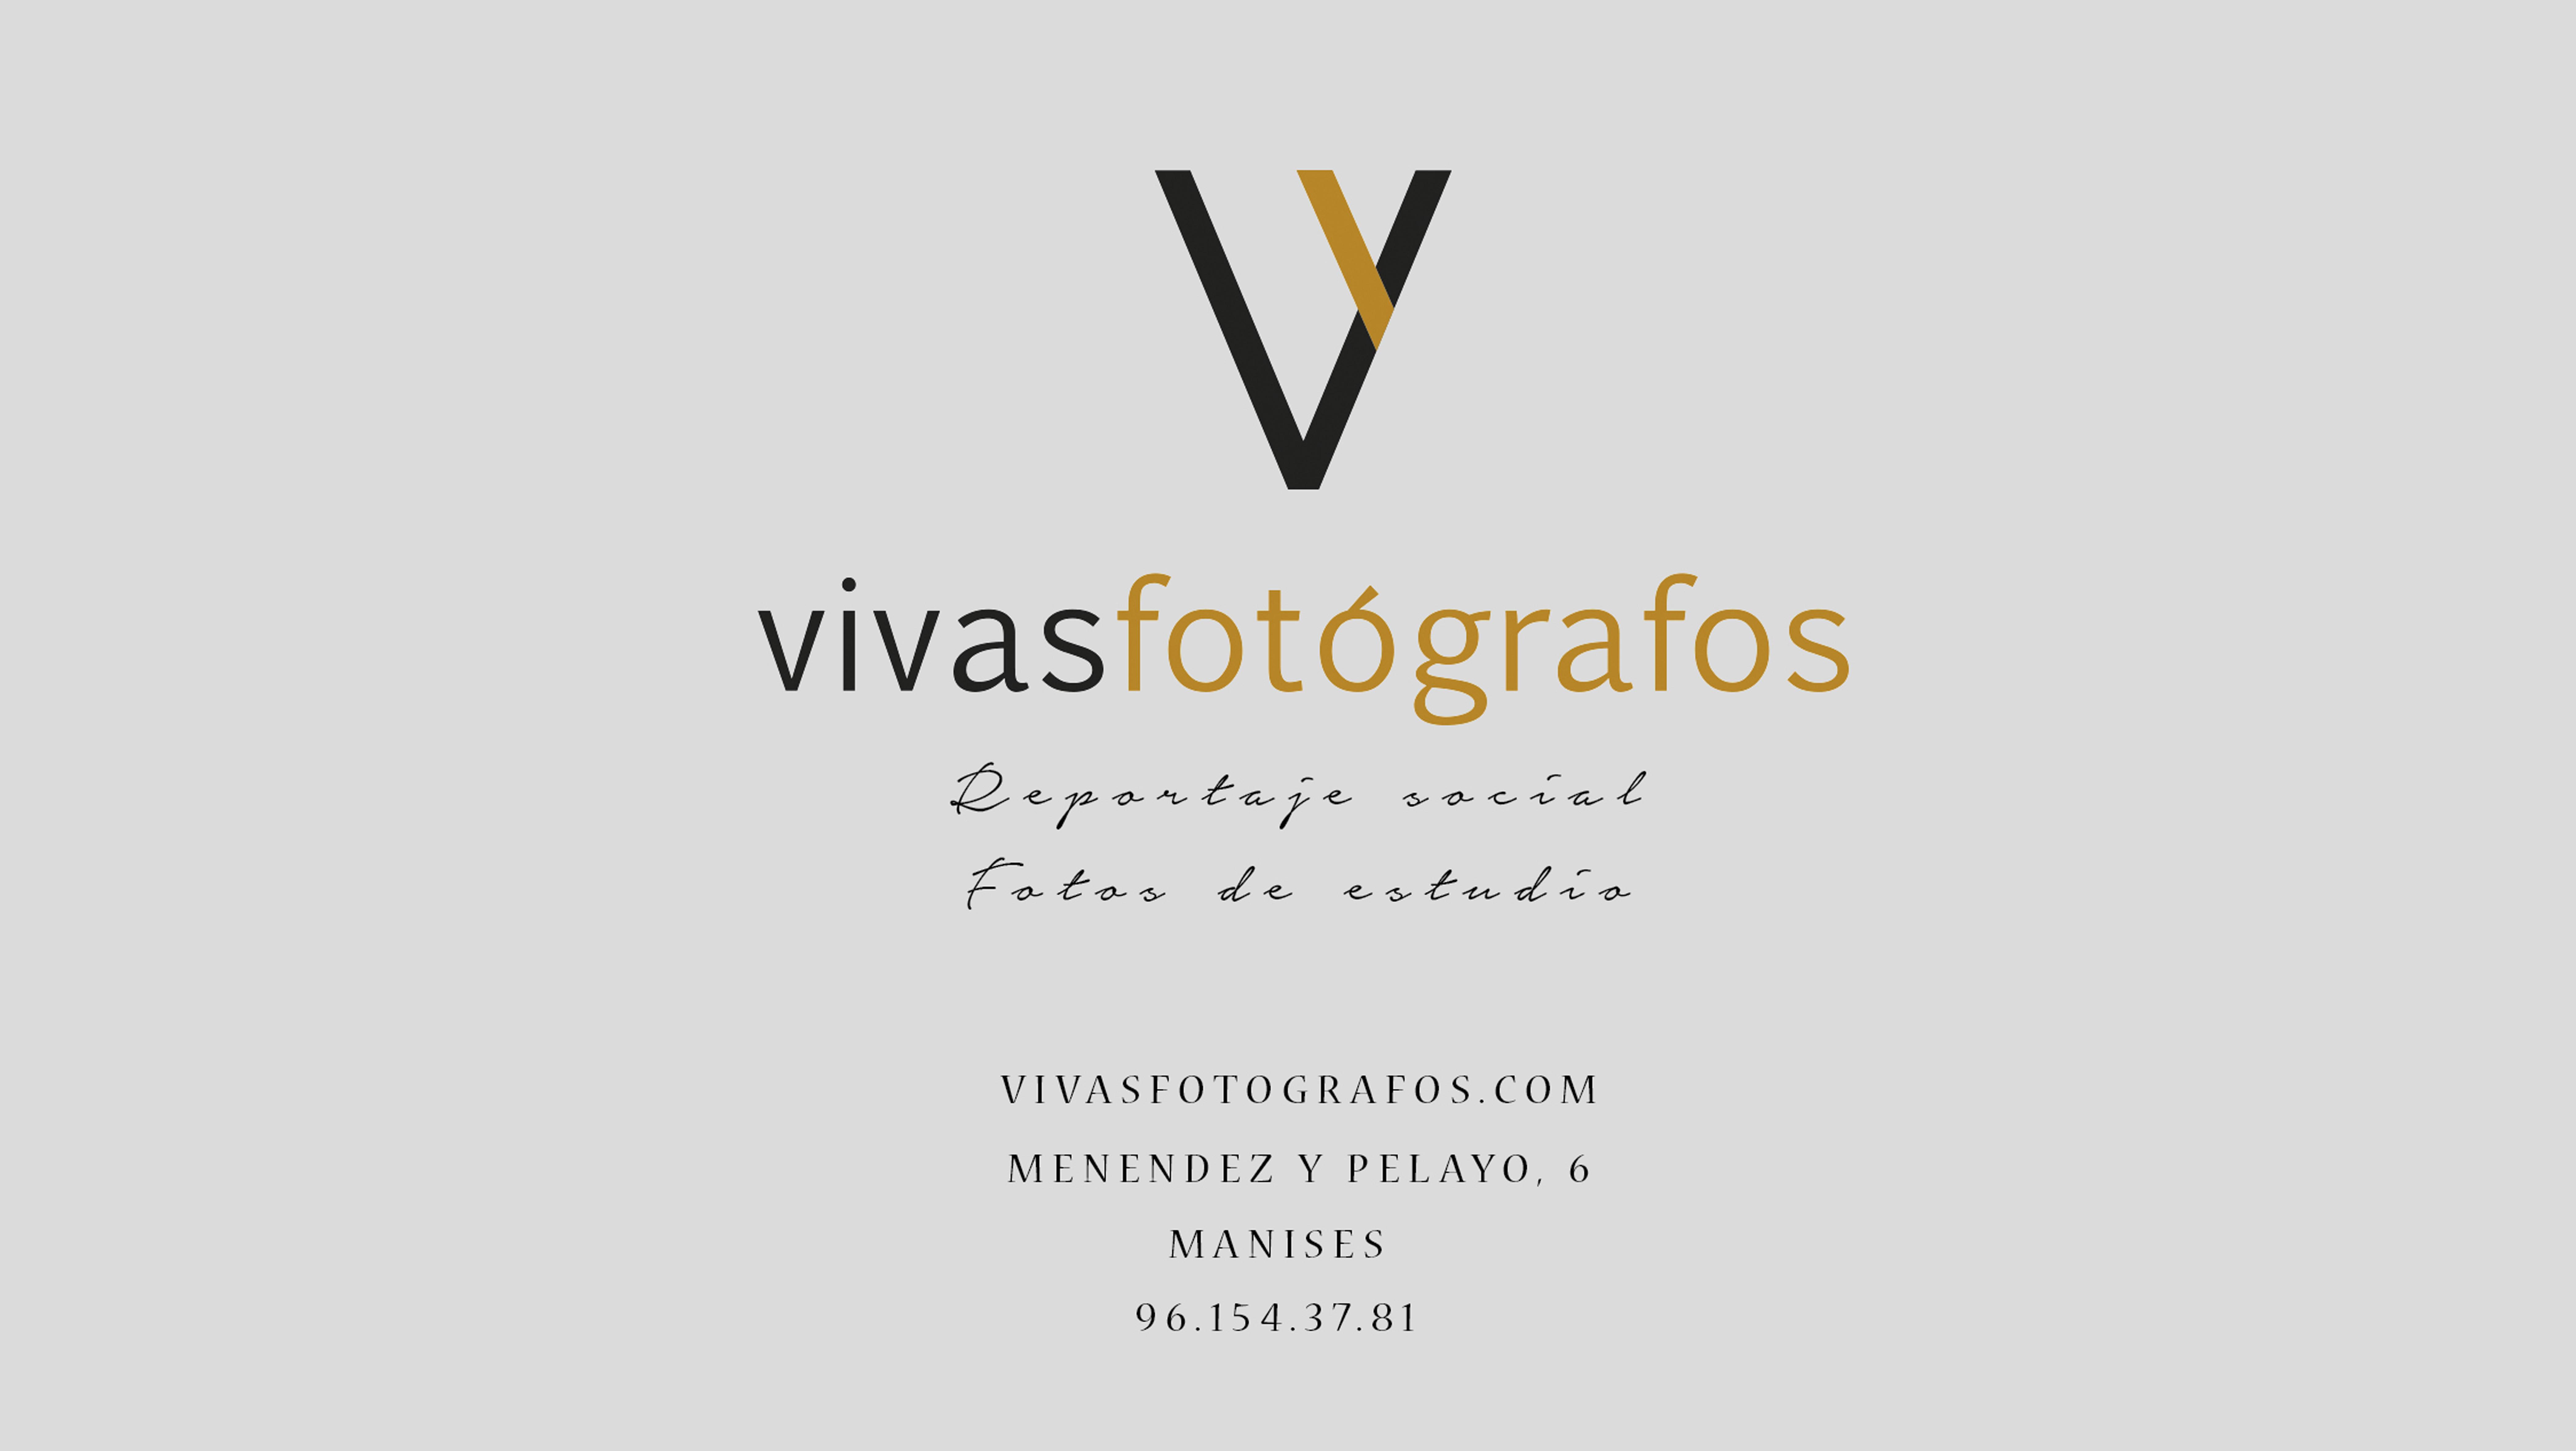 Vivas fotógrafos